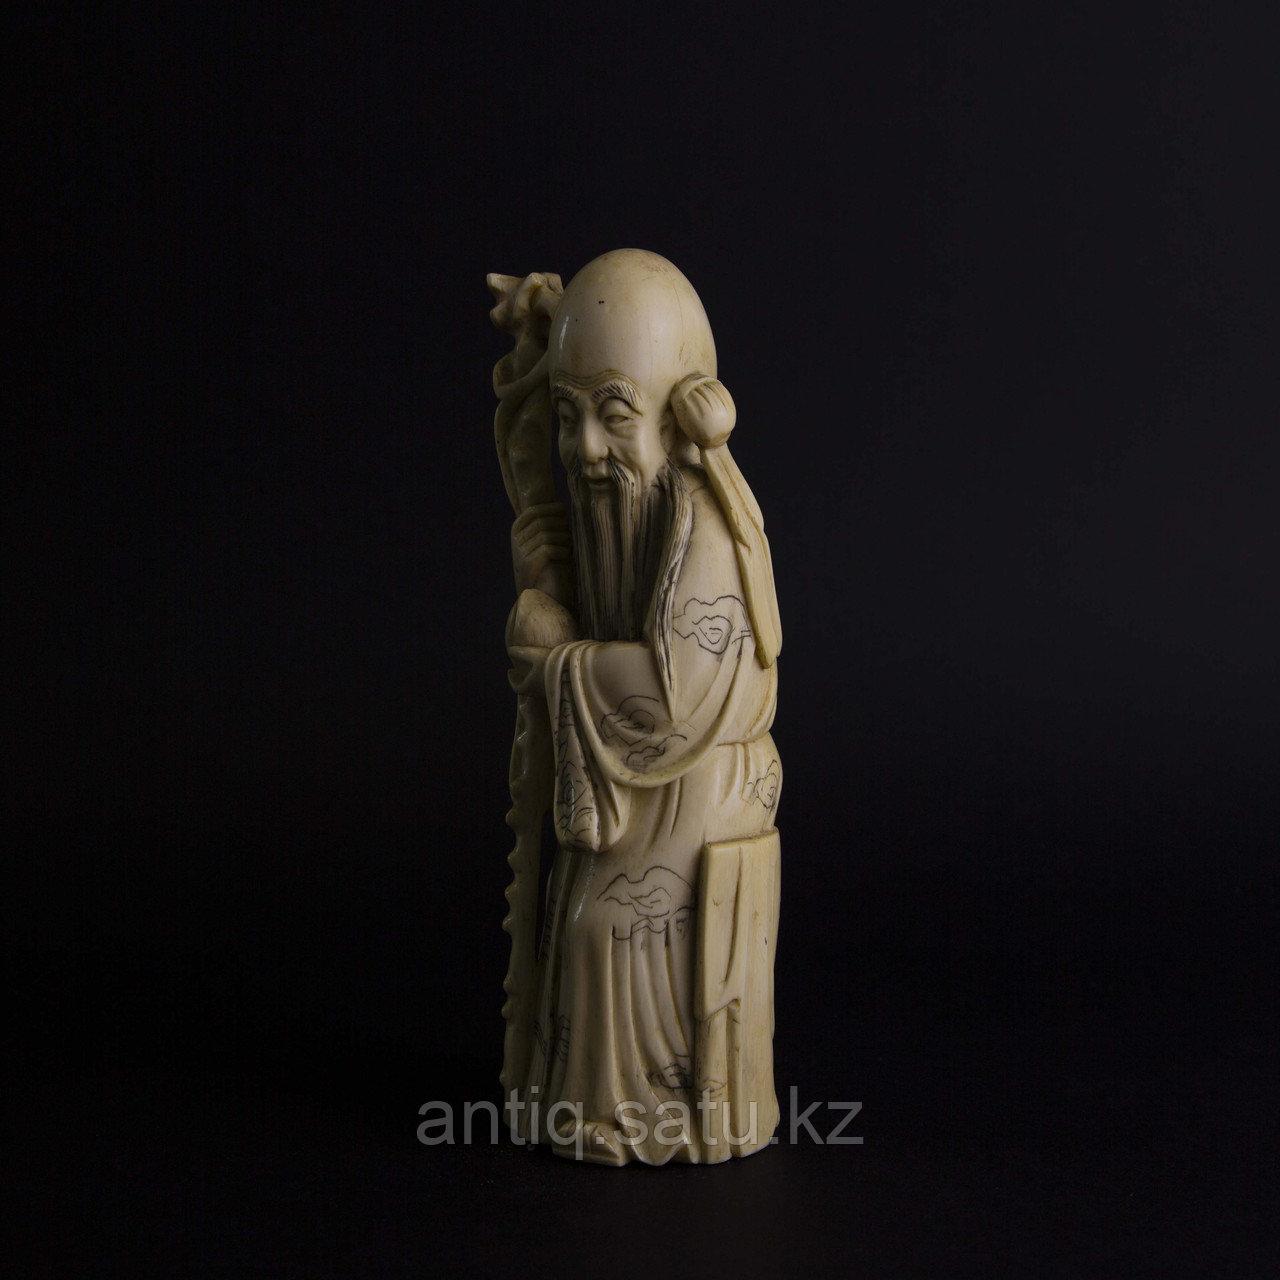 Окимоно Шоу-син (Шу, Сау) один из трех звездный старцев. Бог долголетие. - фото 5